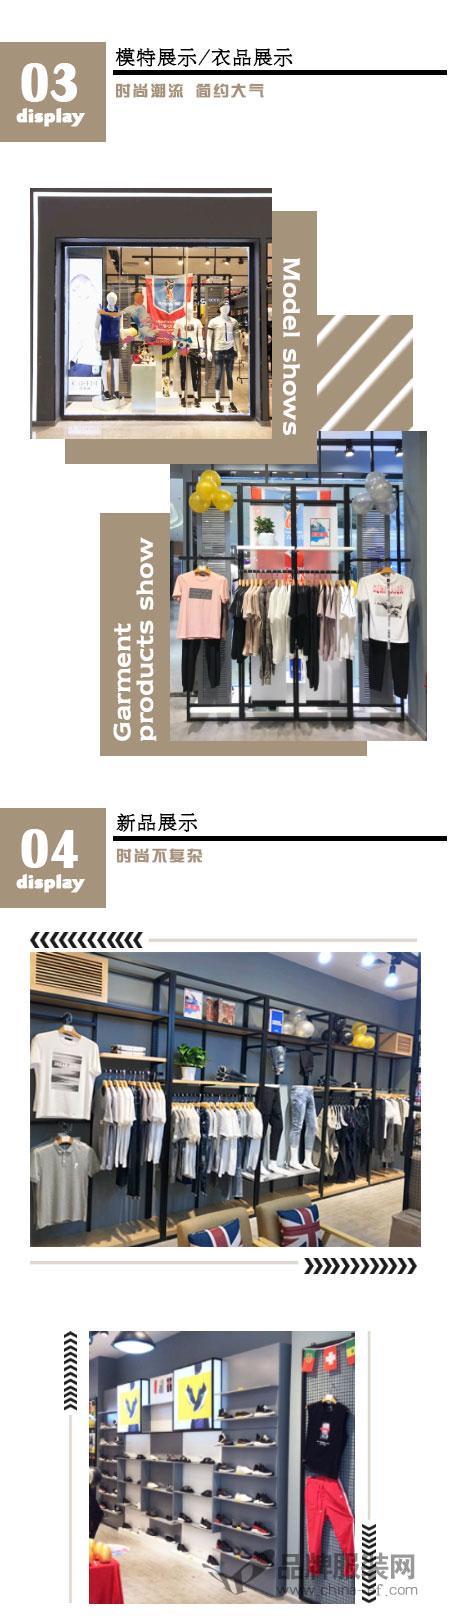 热烈祝贺凯施迪品牌男装 惠州鑫月城隆重开业!